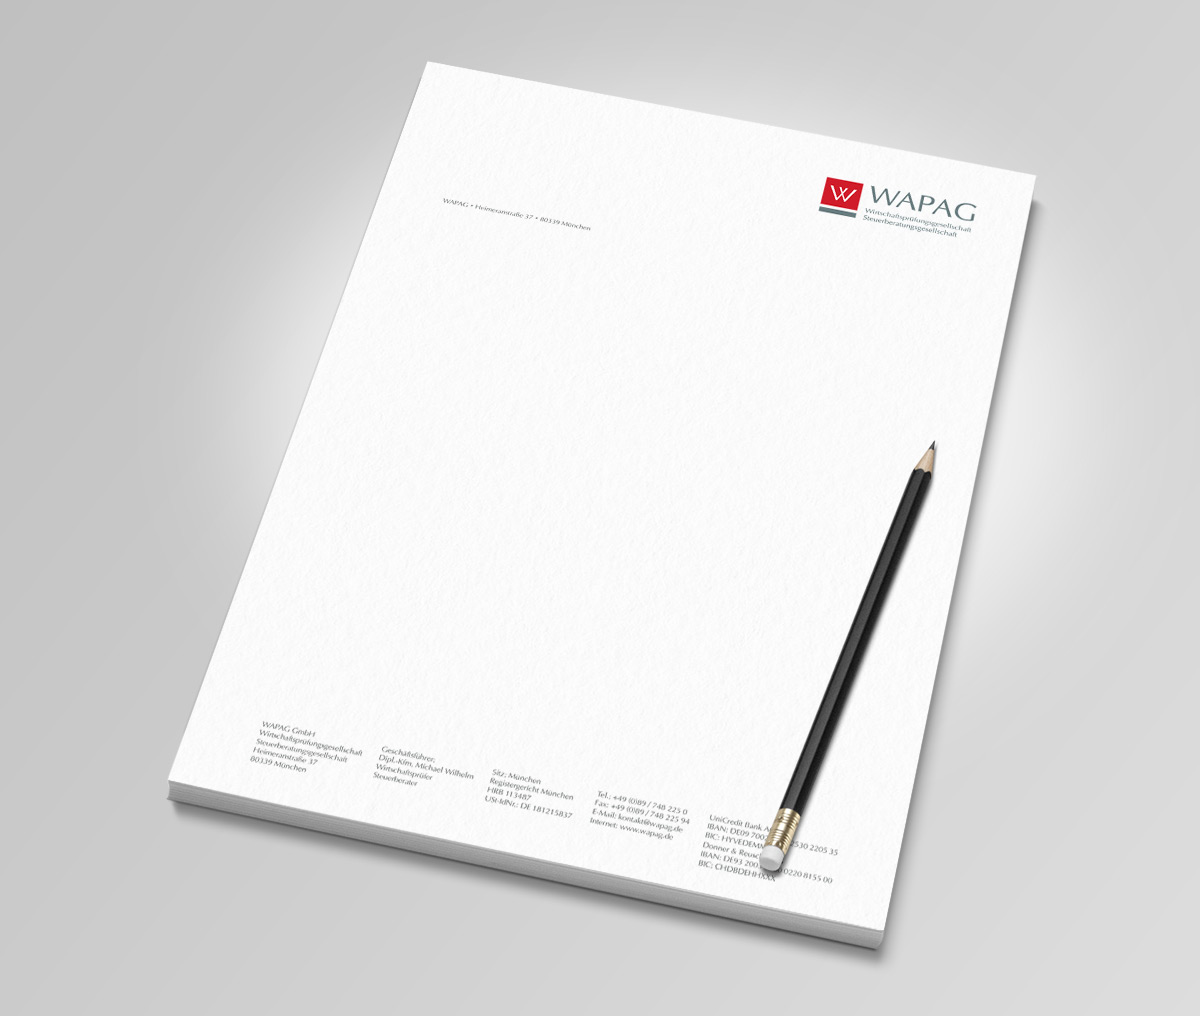 Grafikdesign Dachau . Wapag GmbH . Briefpapier